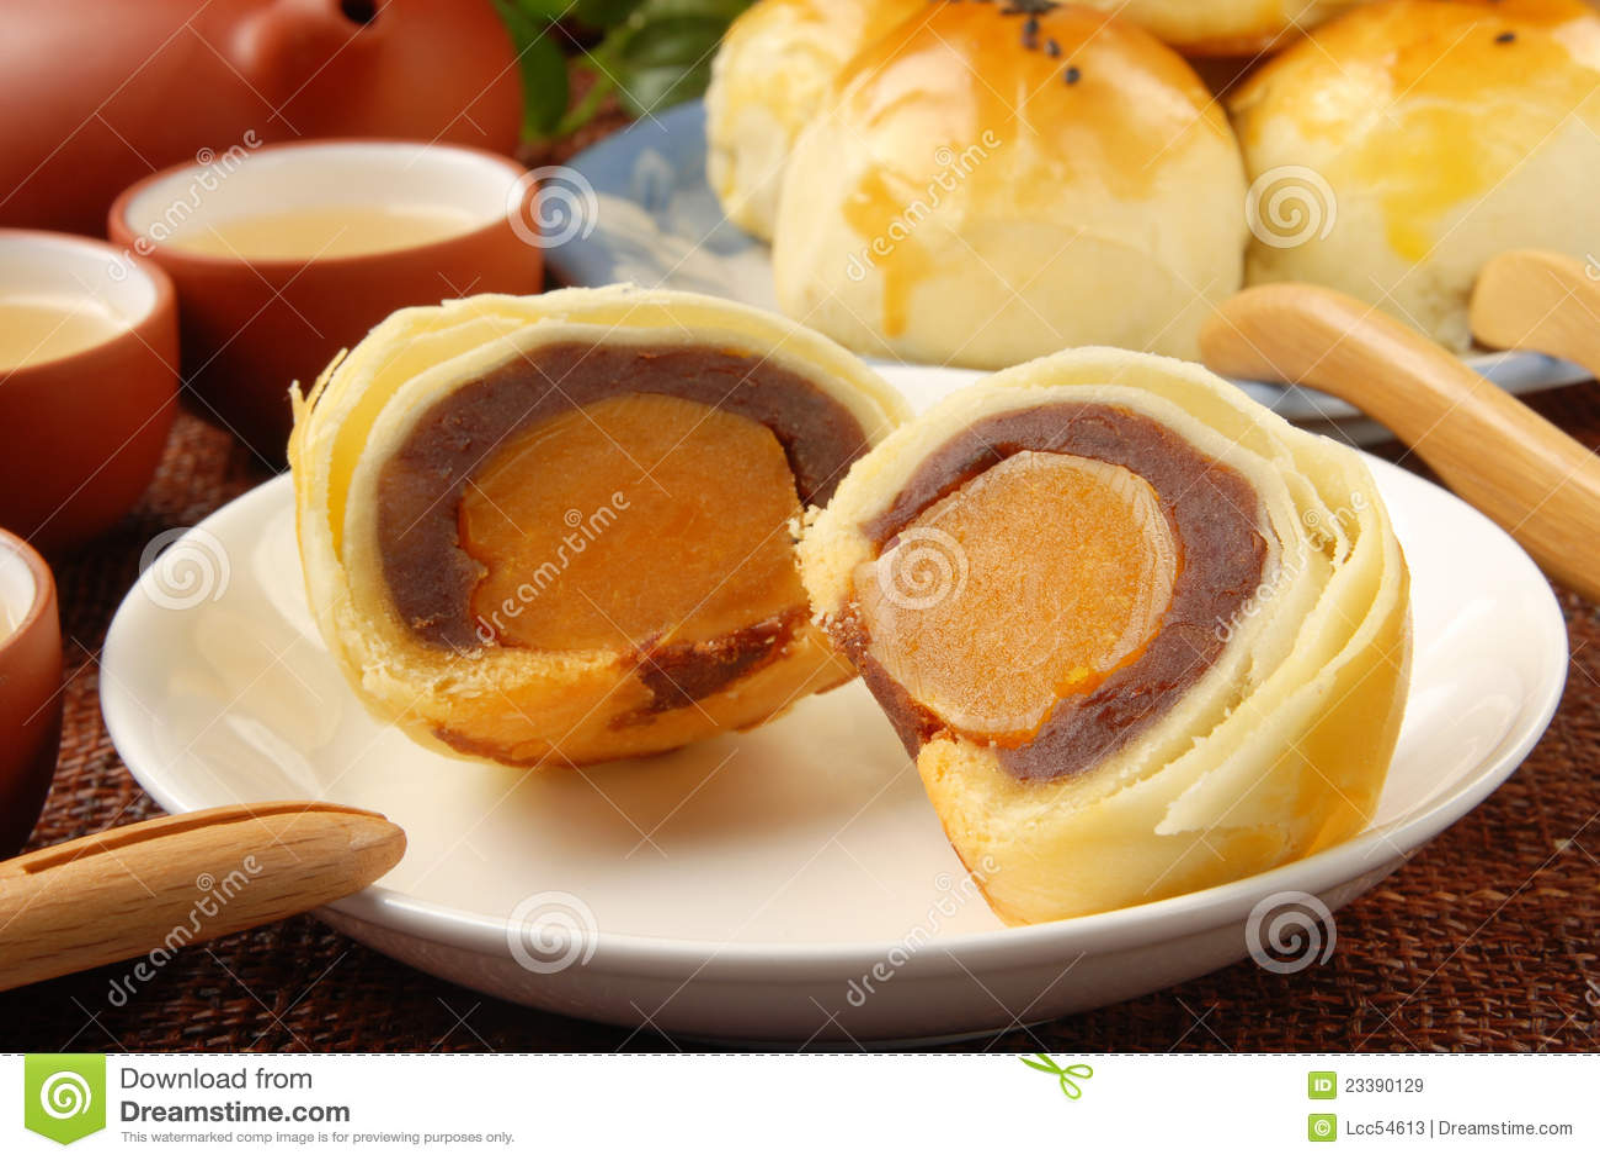 Bolos do yolk de ovo